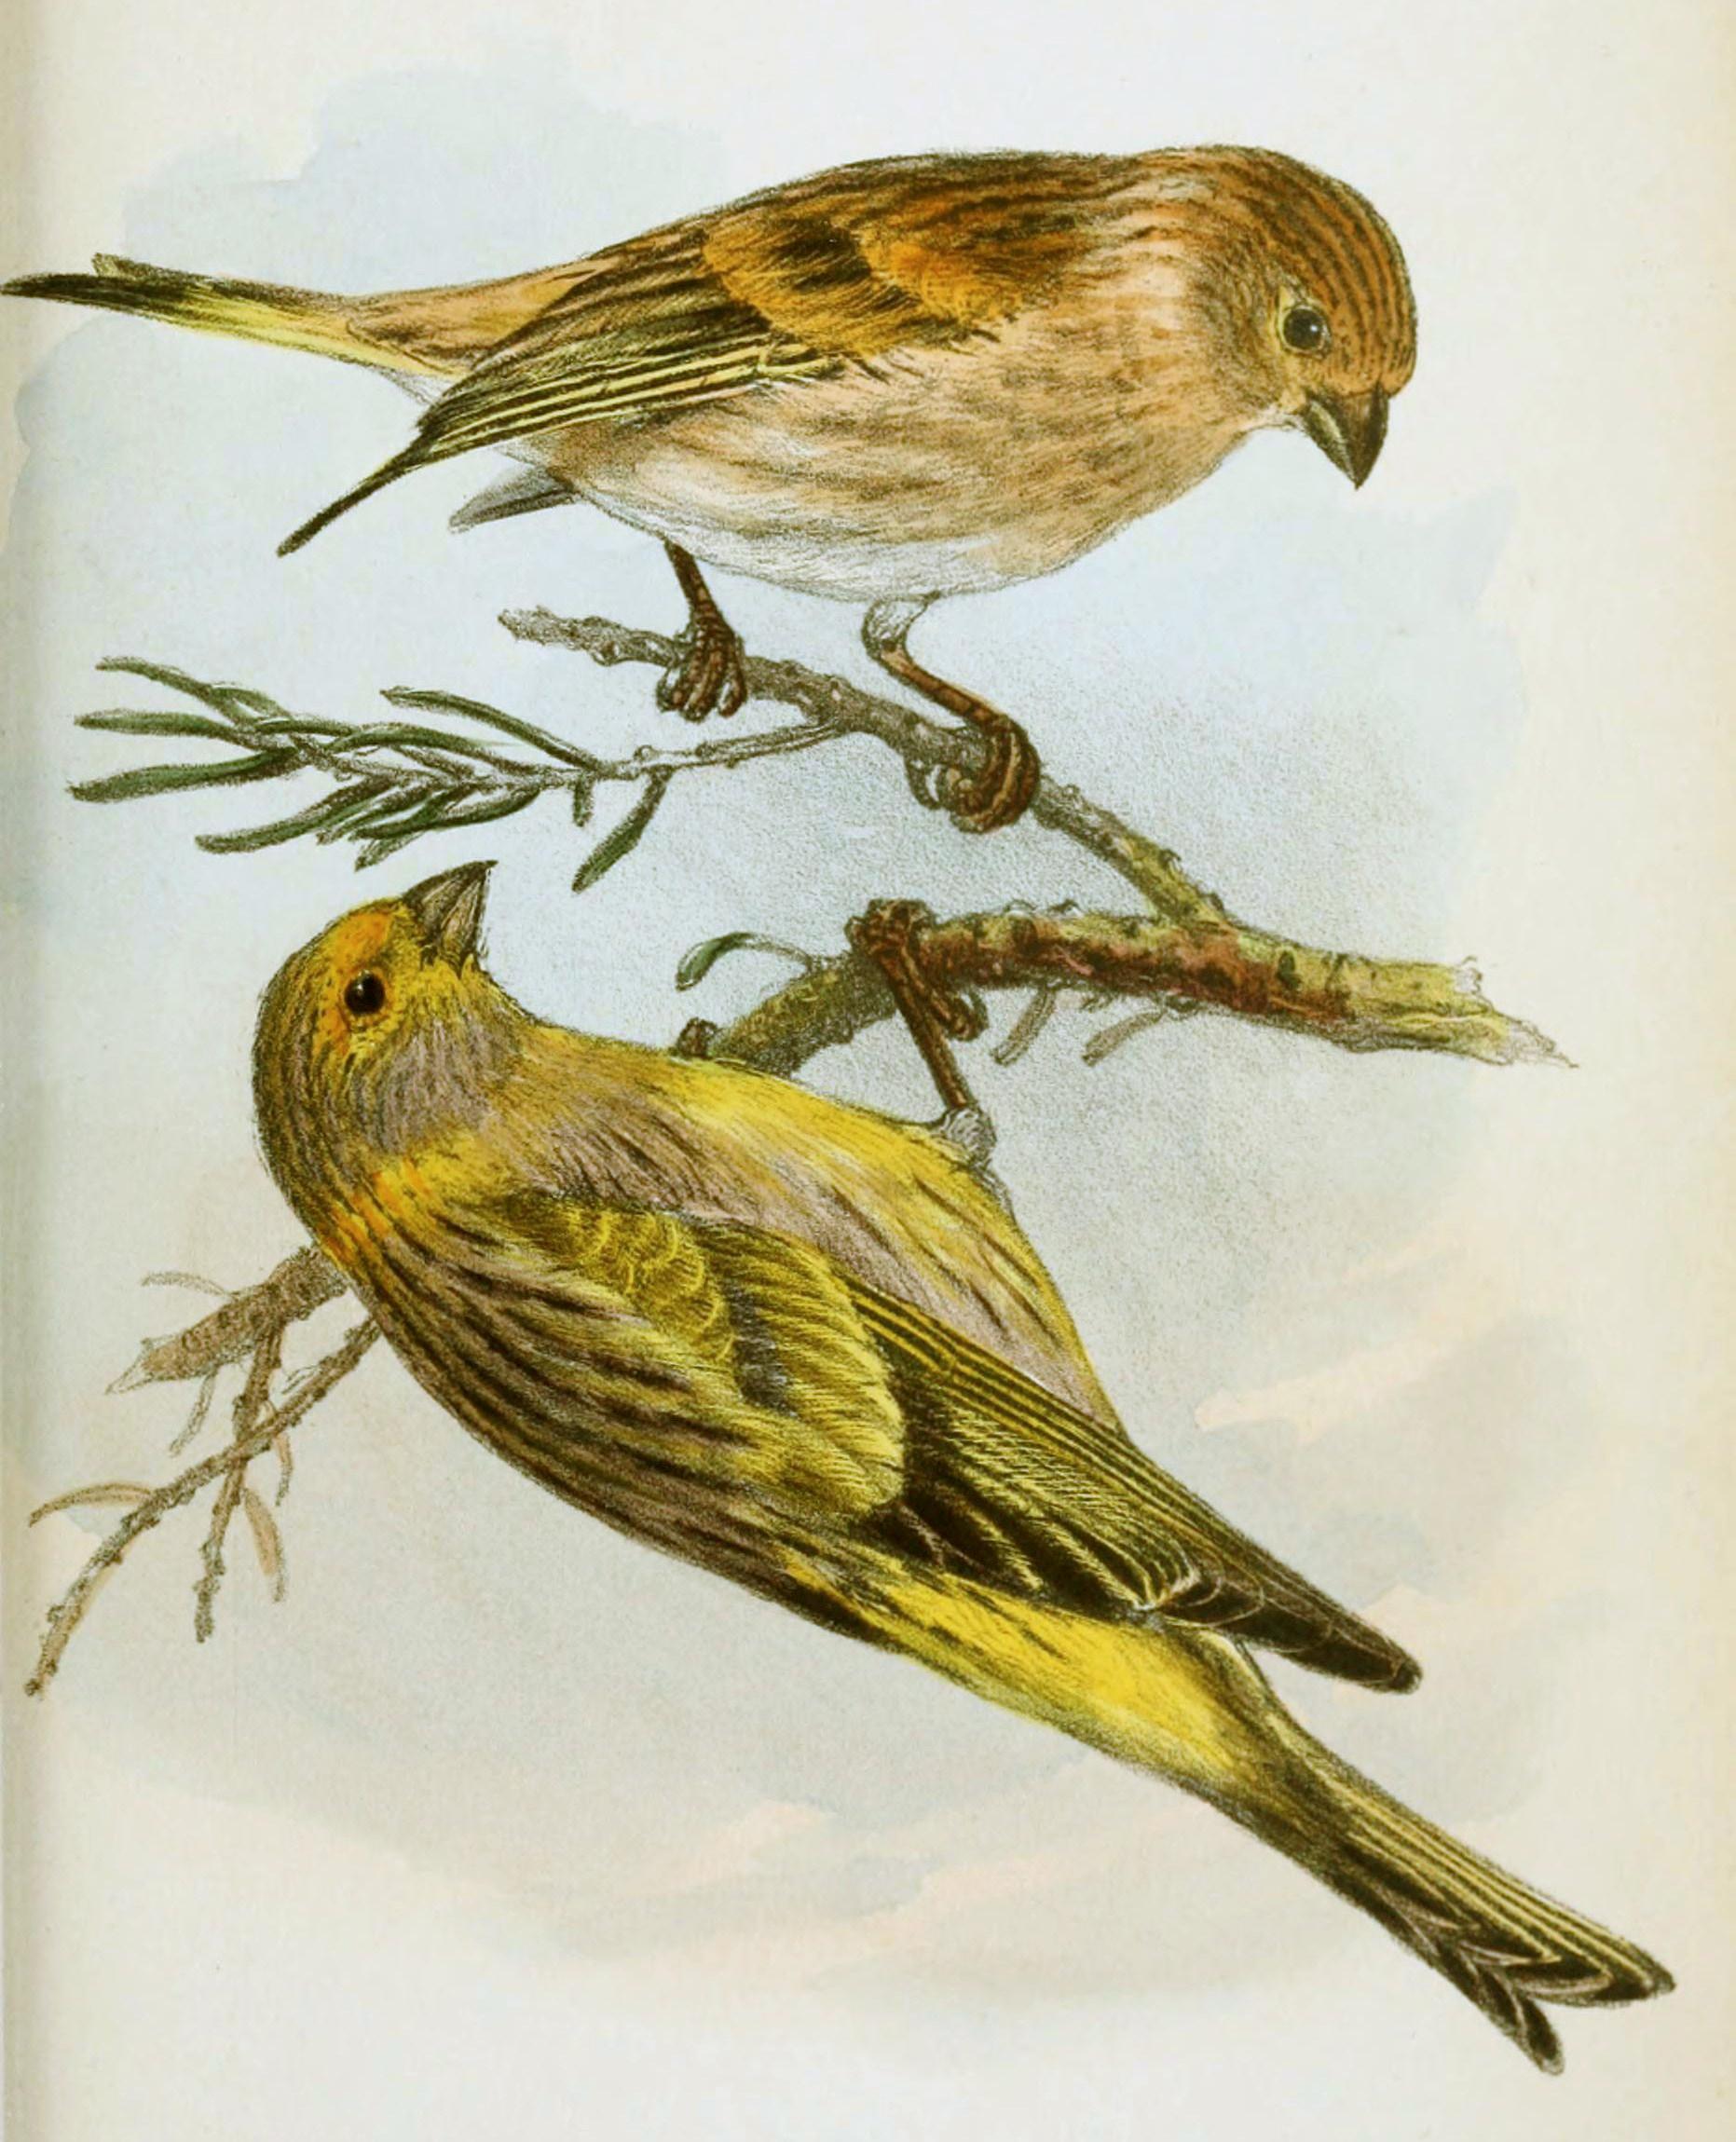 بالصور انواع الكناري , طائر الكناري بانواعه المختلفه 838 11